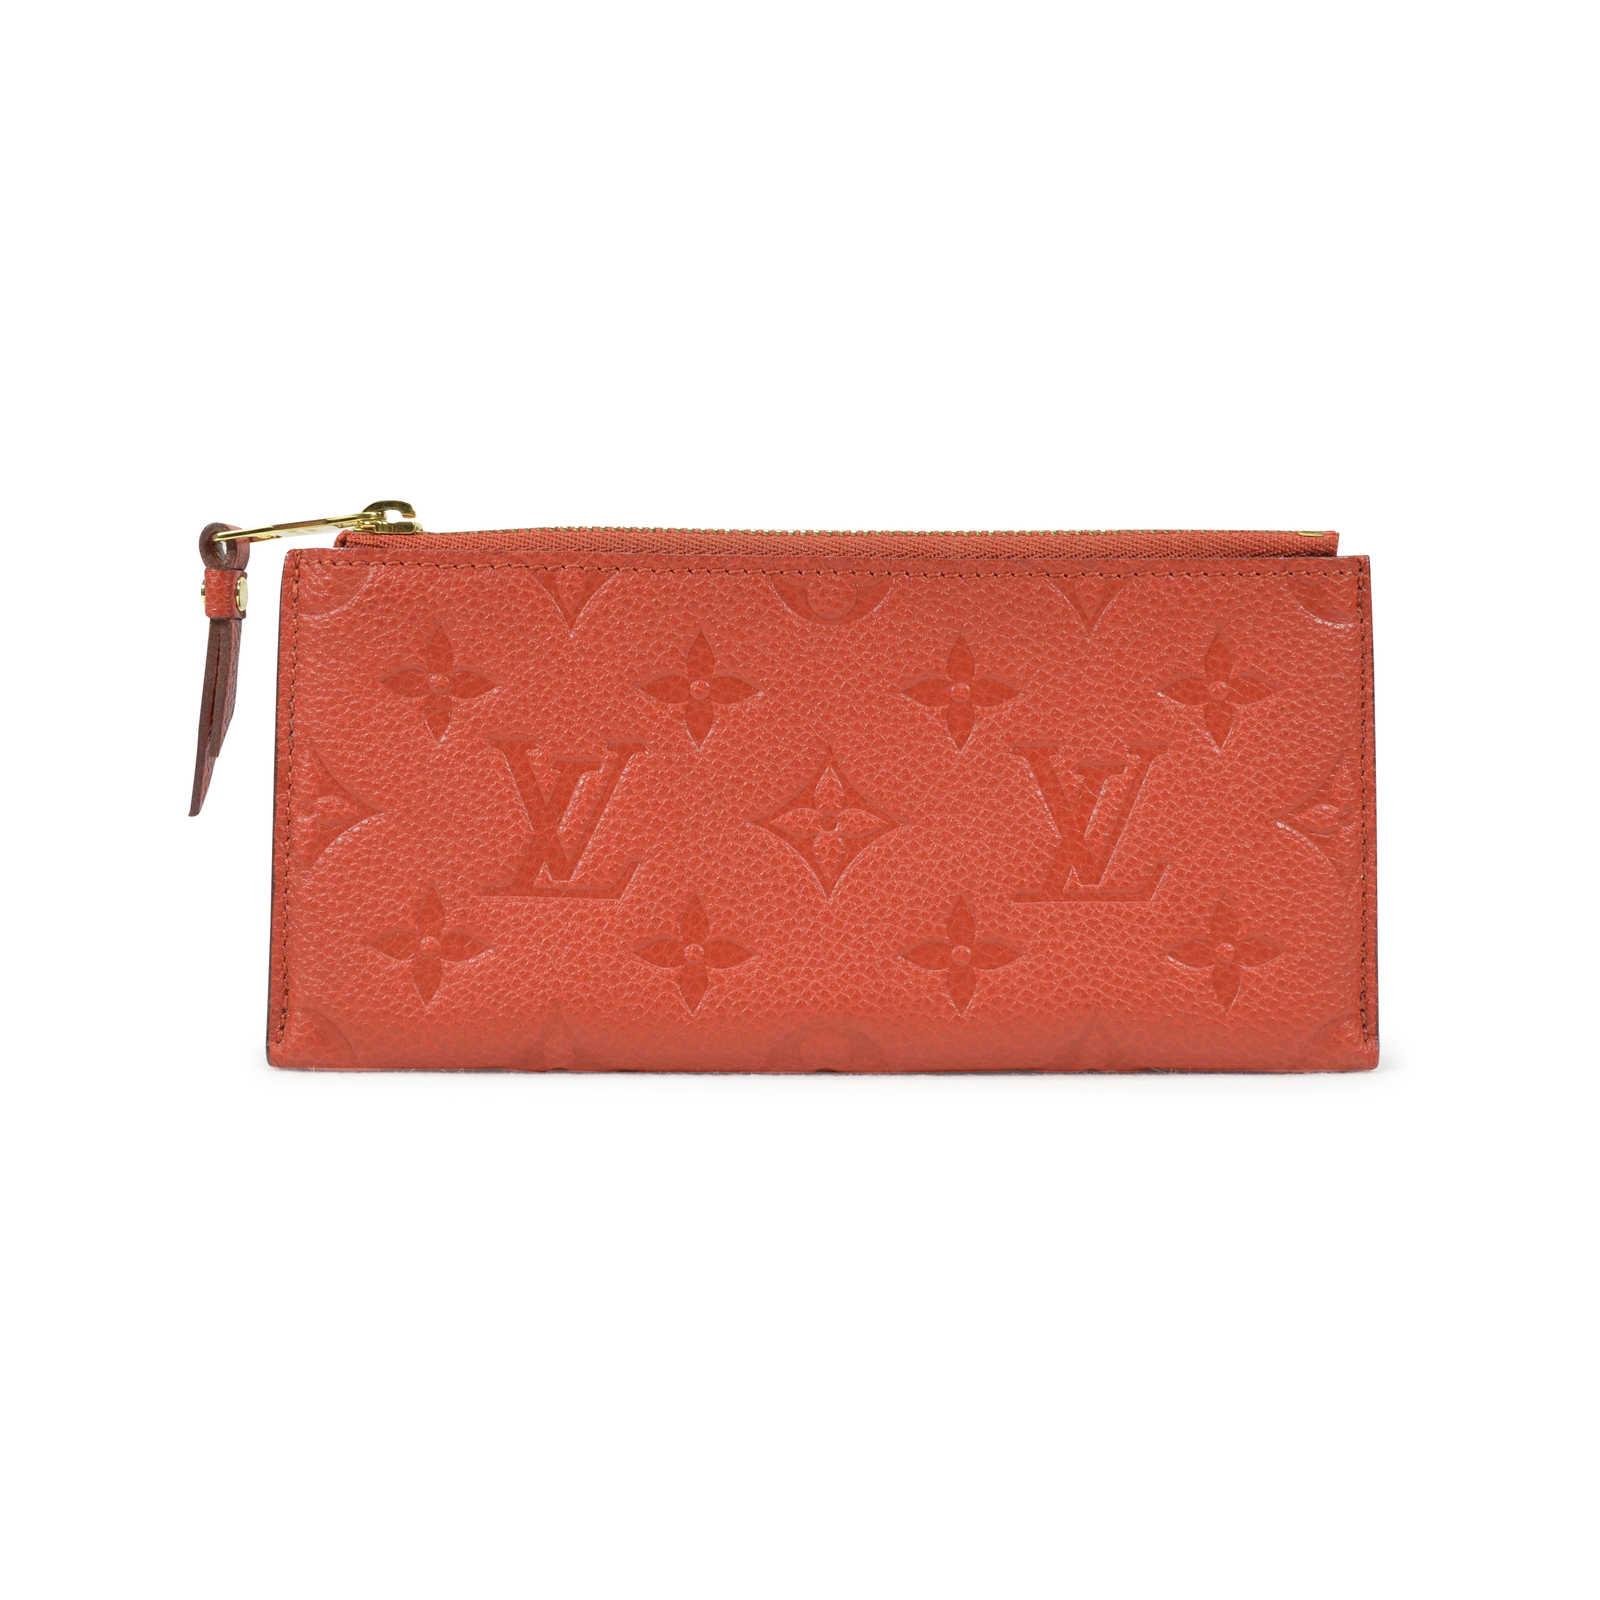 d4de0f9ded3b ... Authentic Second Hand Louis Vuitton Monogram Empreinte Curieuse Wallet  (PSS-021-00016) ...